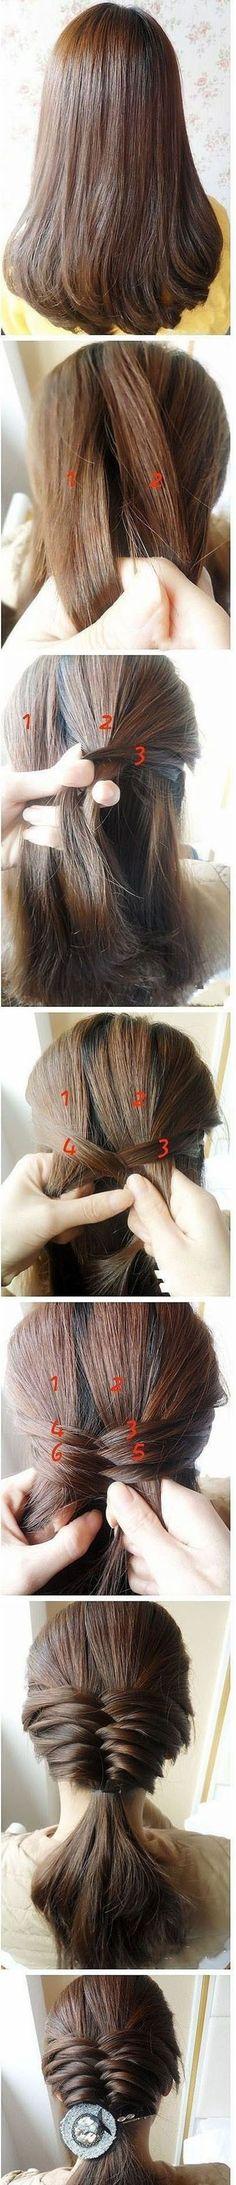 Penteado super facil de fazer ^_^